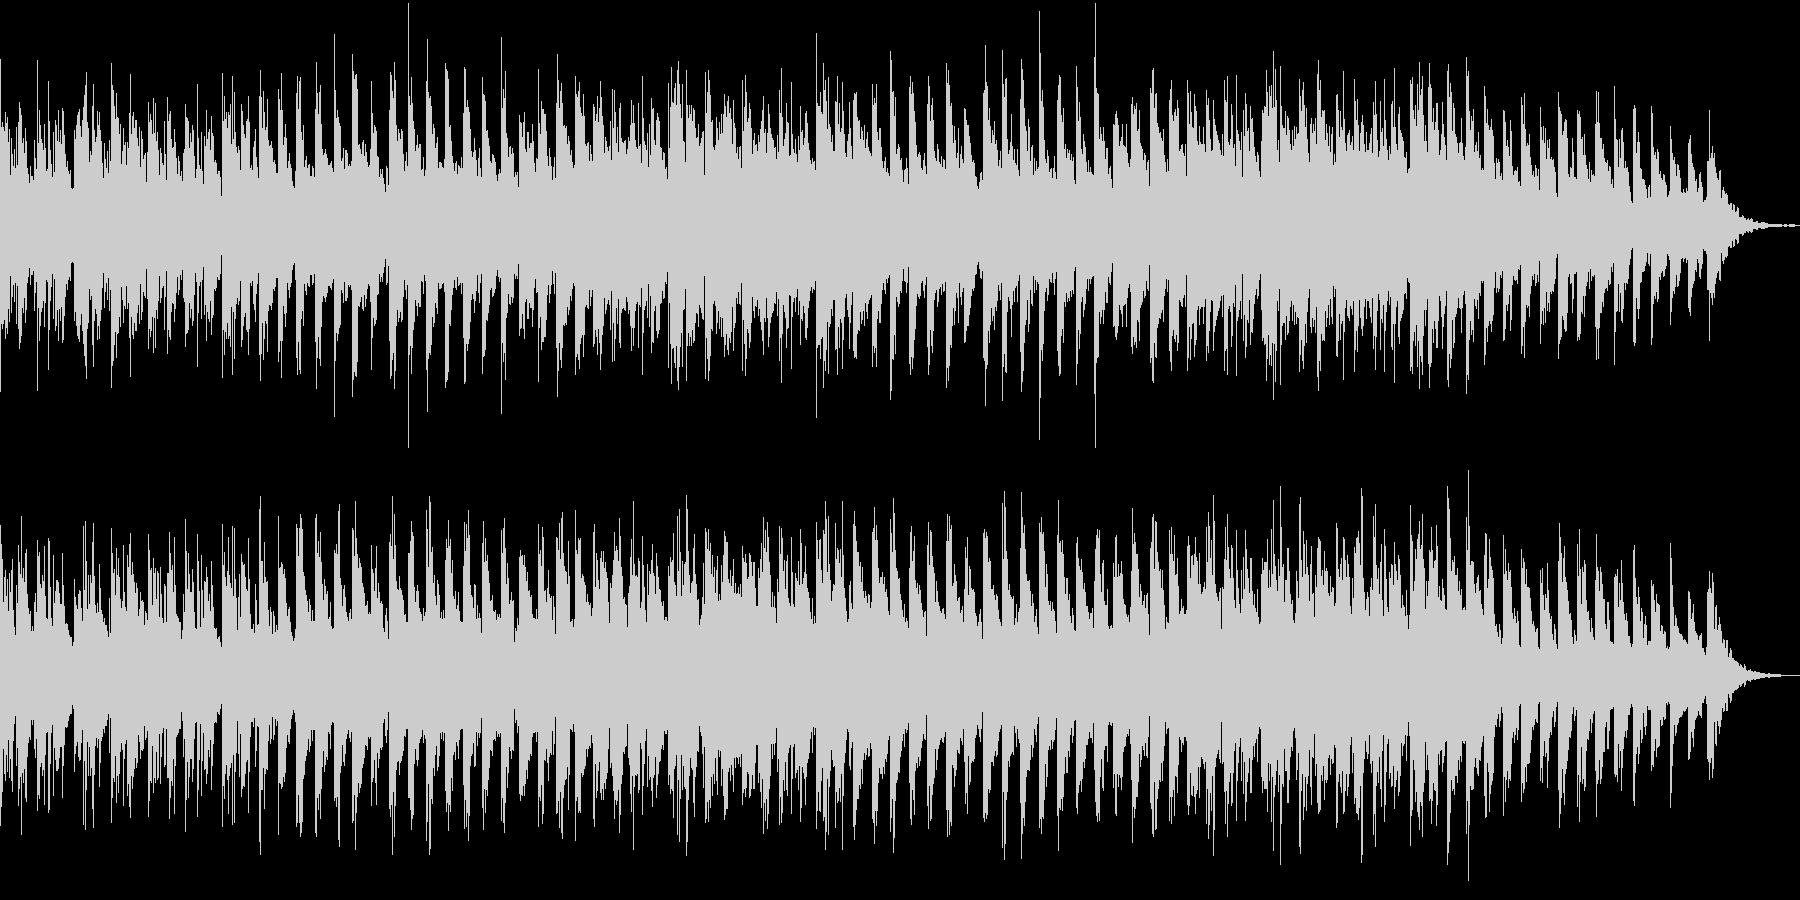 回想・再会シーン向けアコースティック曲の未再生の波形